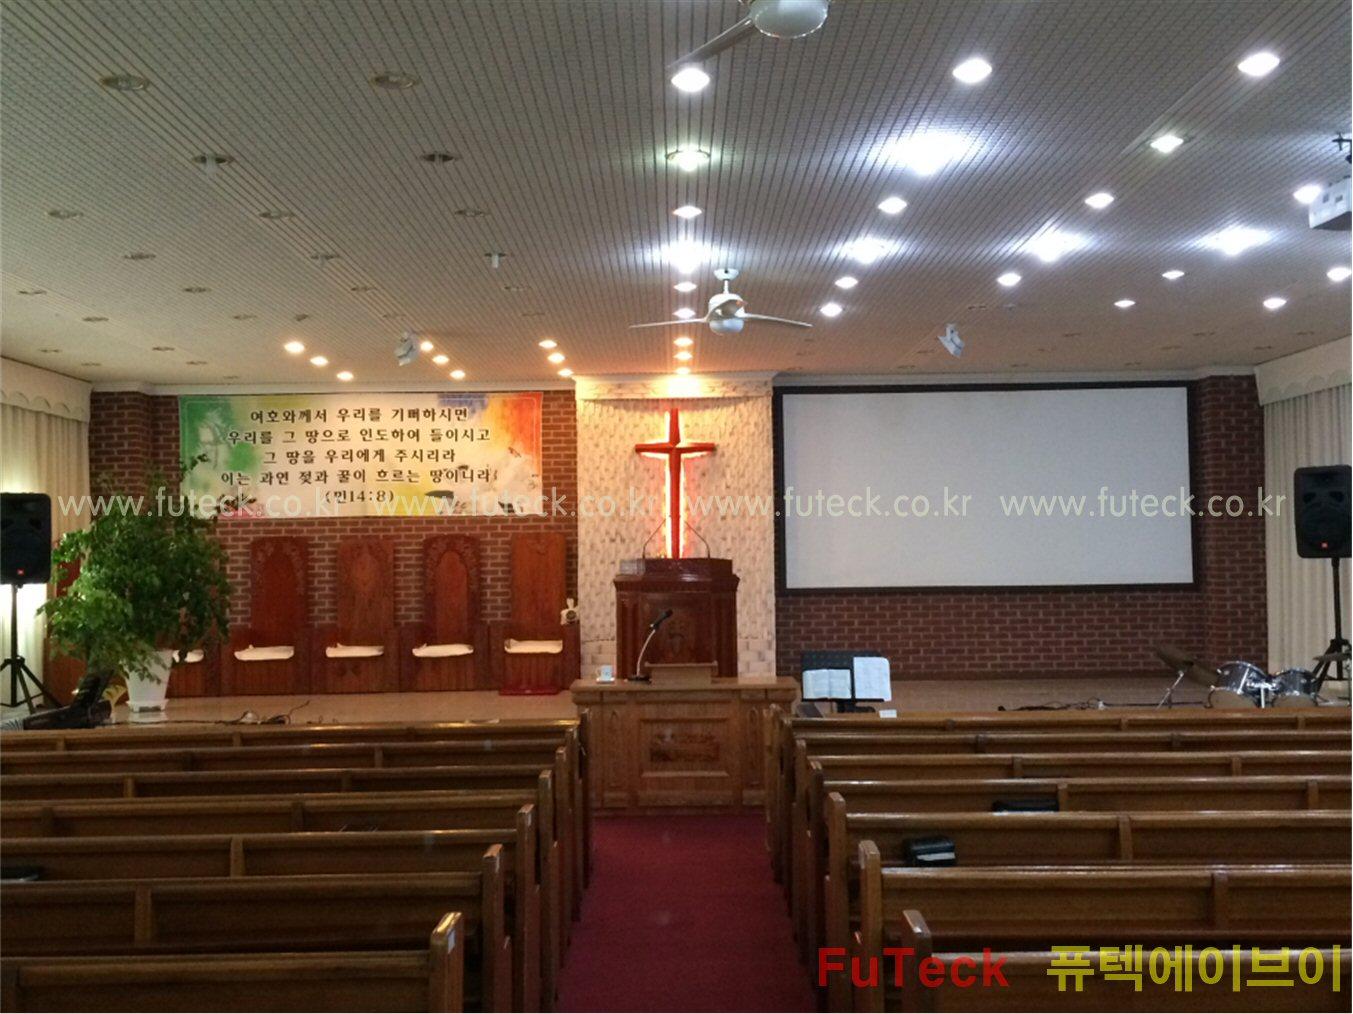 [16014-0130] 행복한교회 - 영상작업 01.jpg